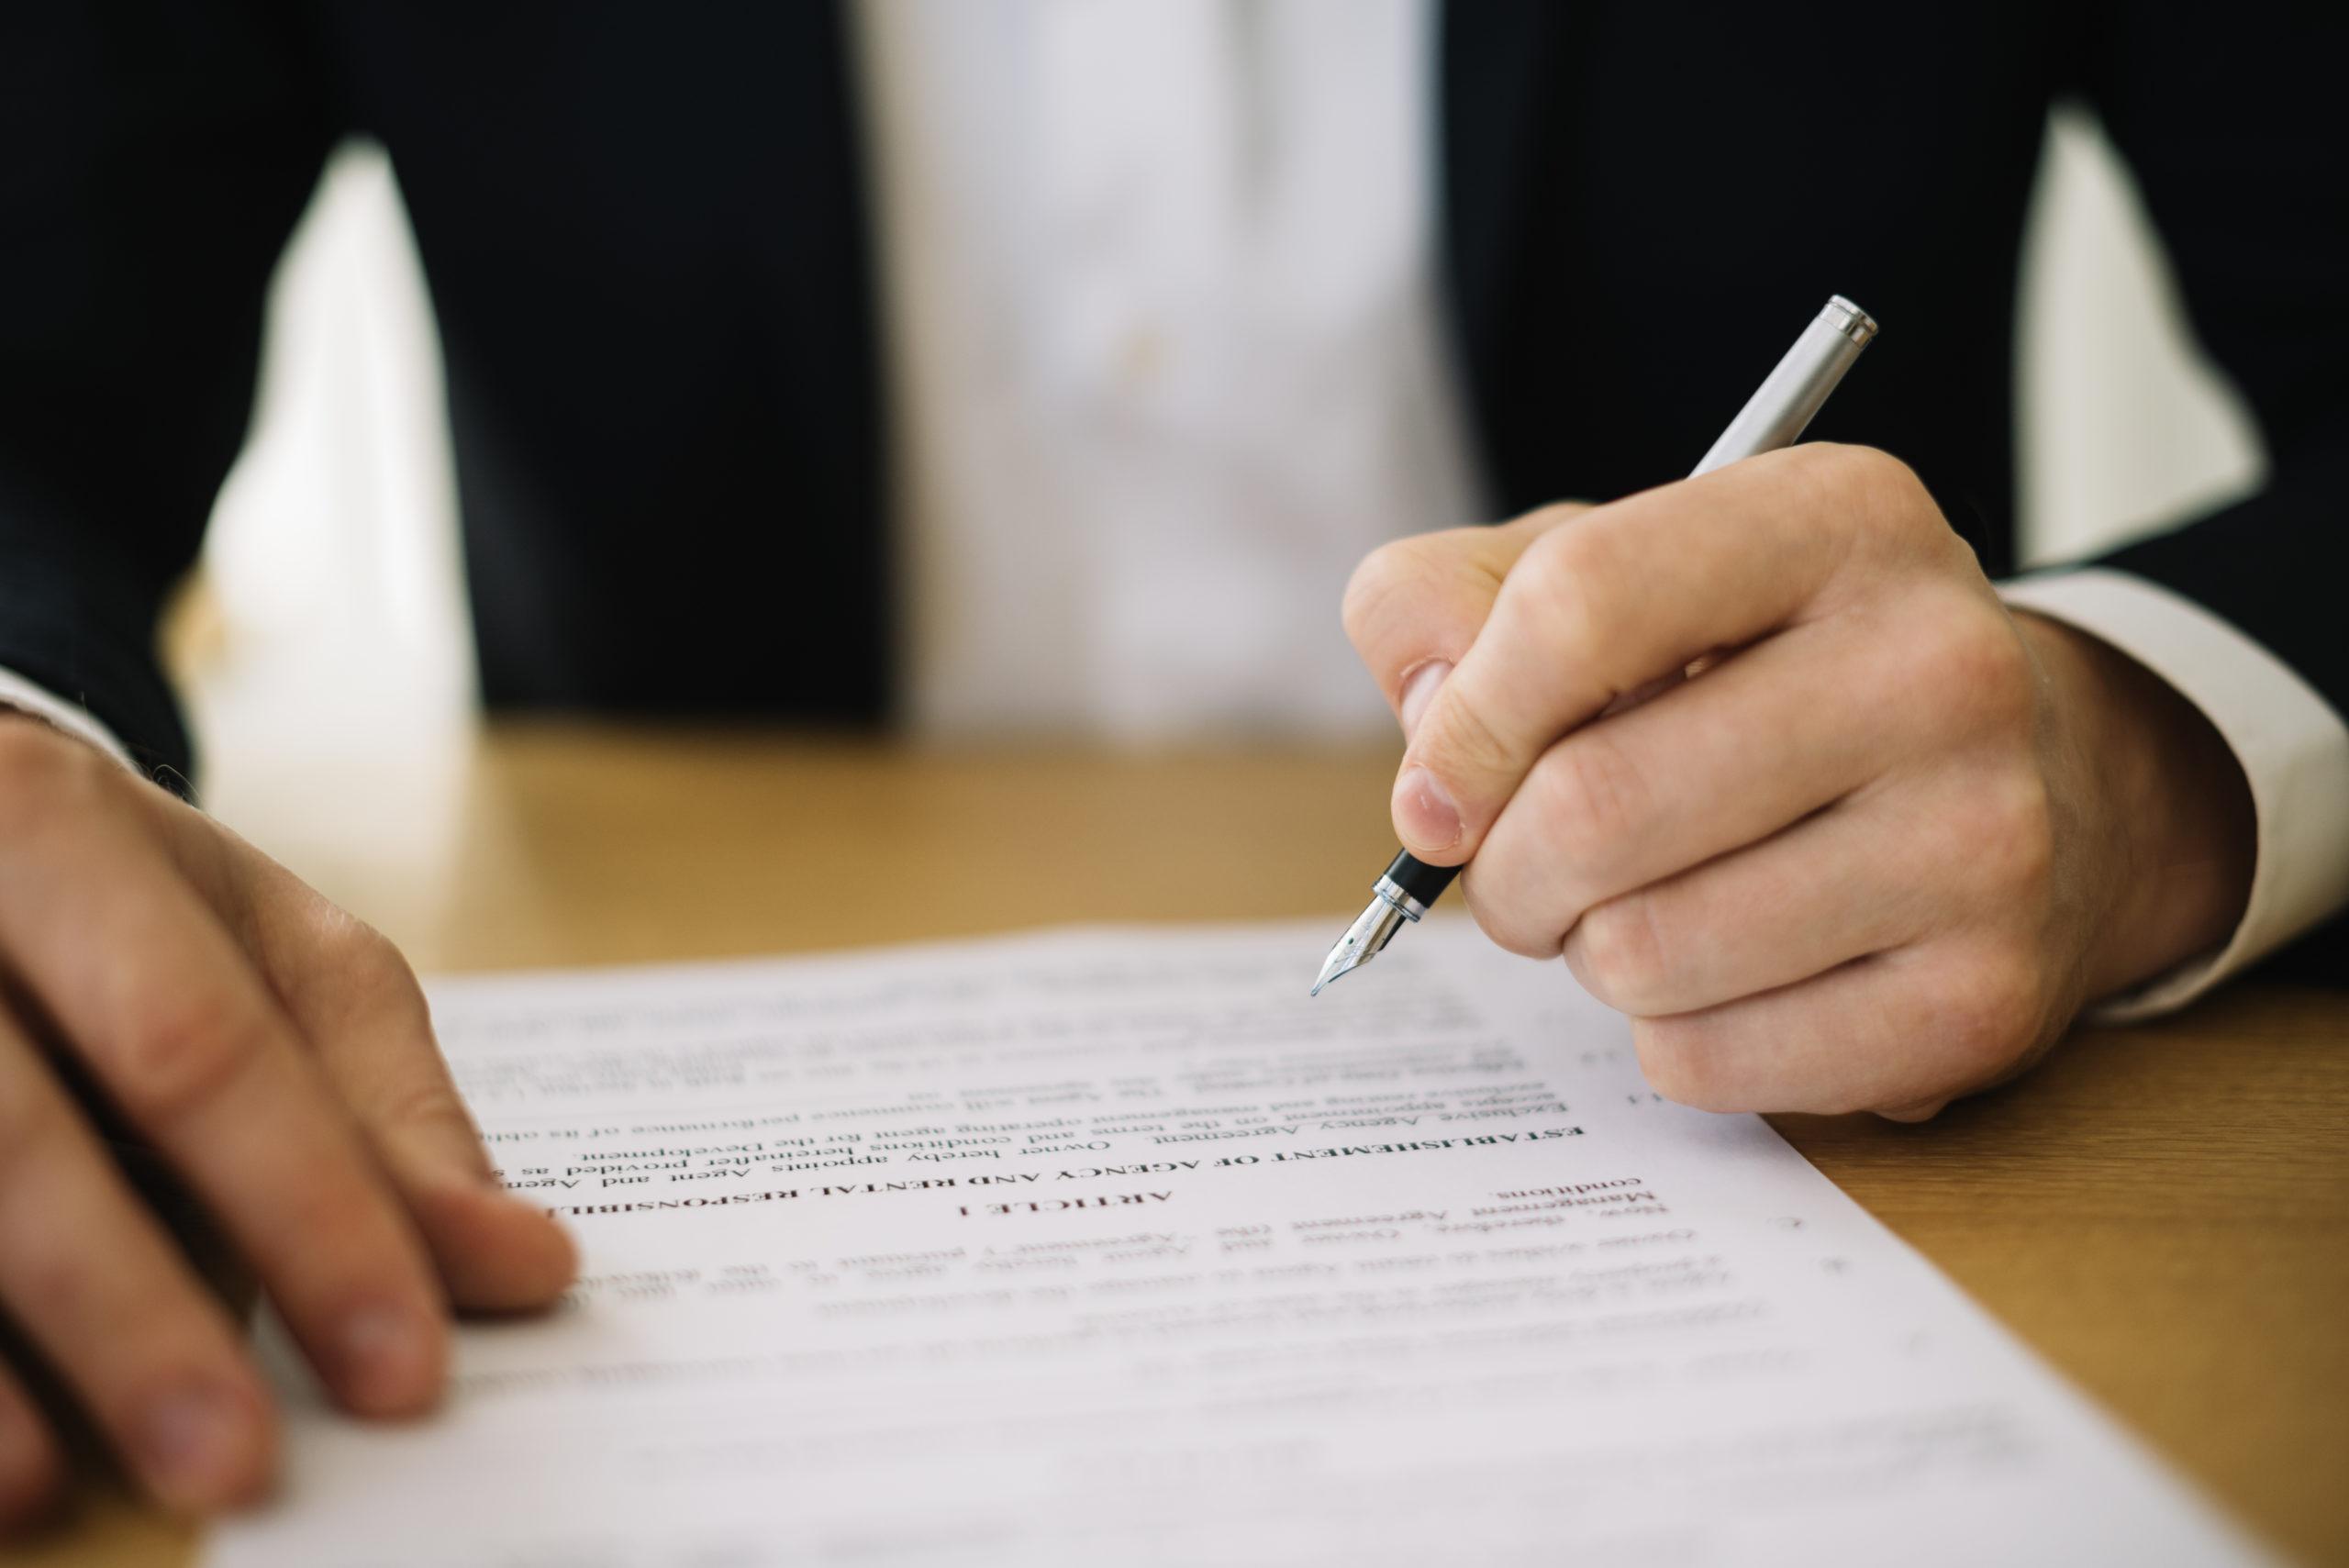 servicios de traducción legal